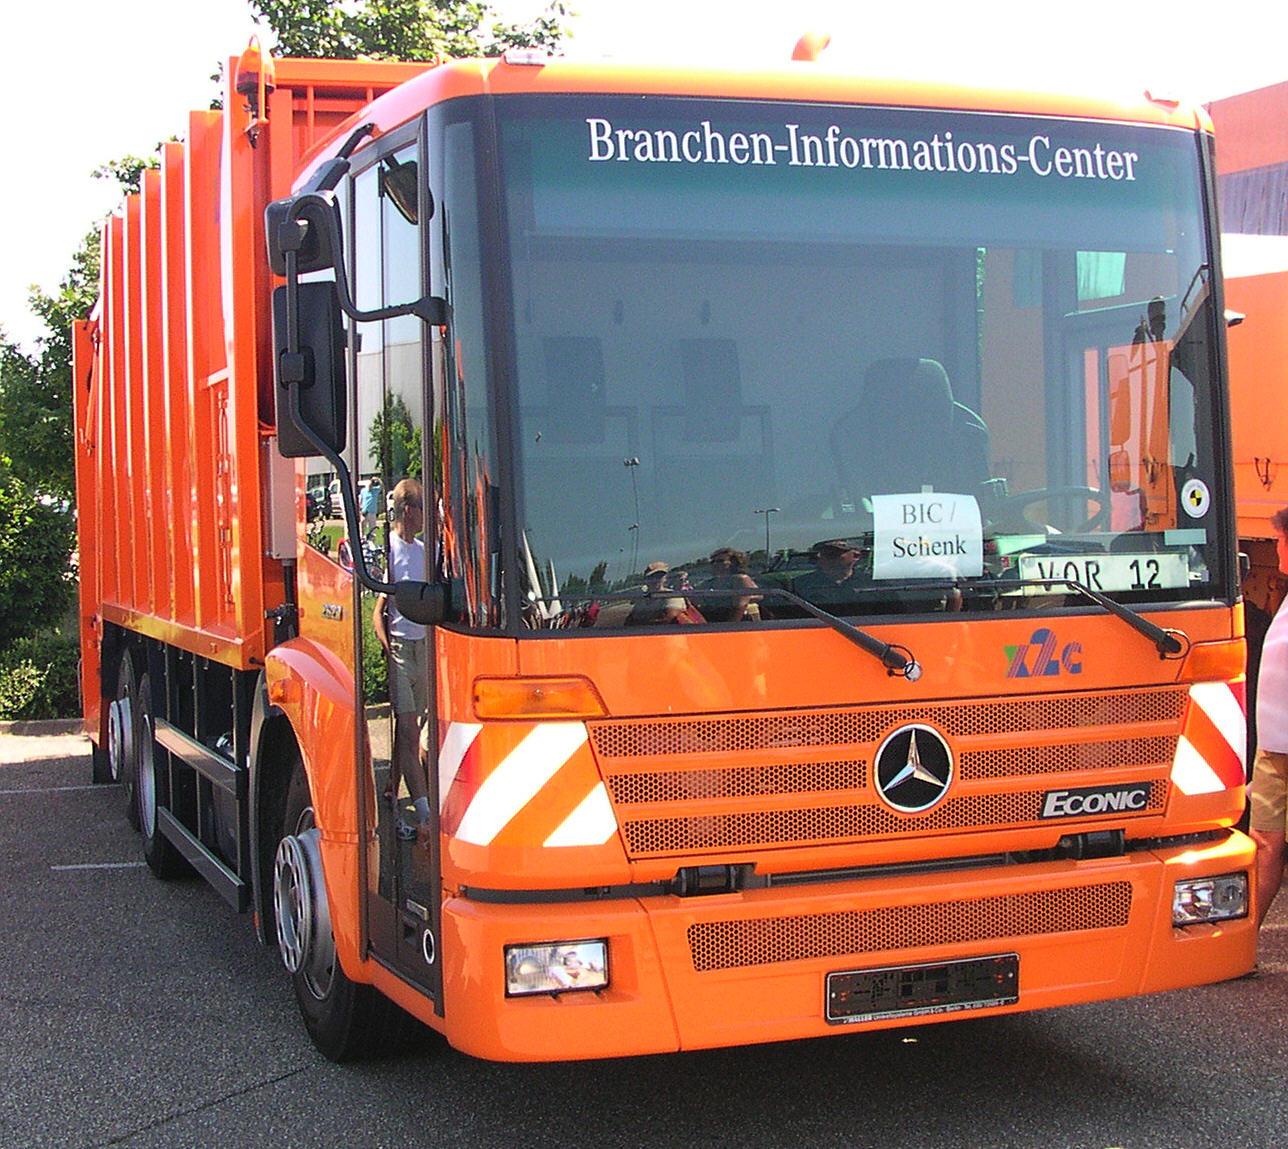 Mercedes Benz E  Cdi T Ef Bf Bdv  Klimaautomatik Tempomat Ahk